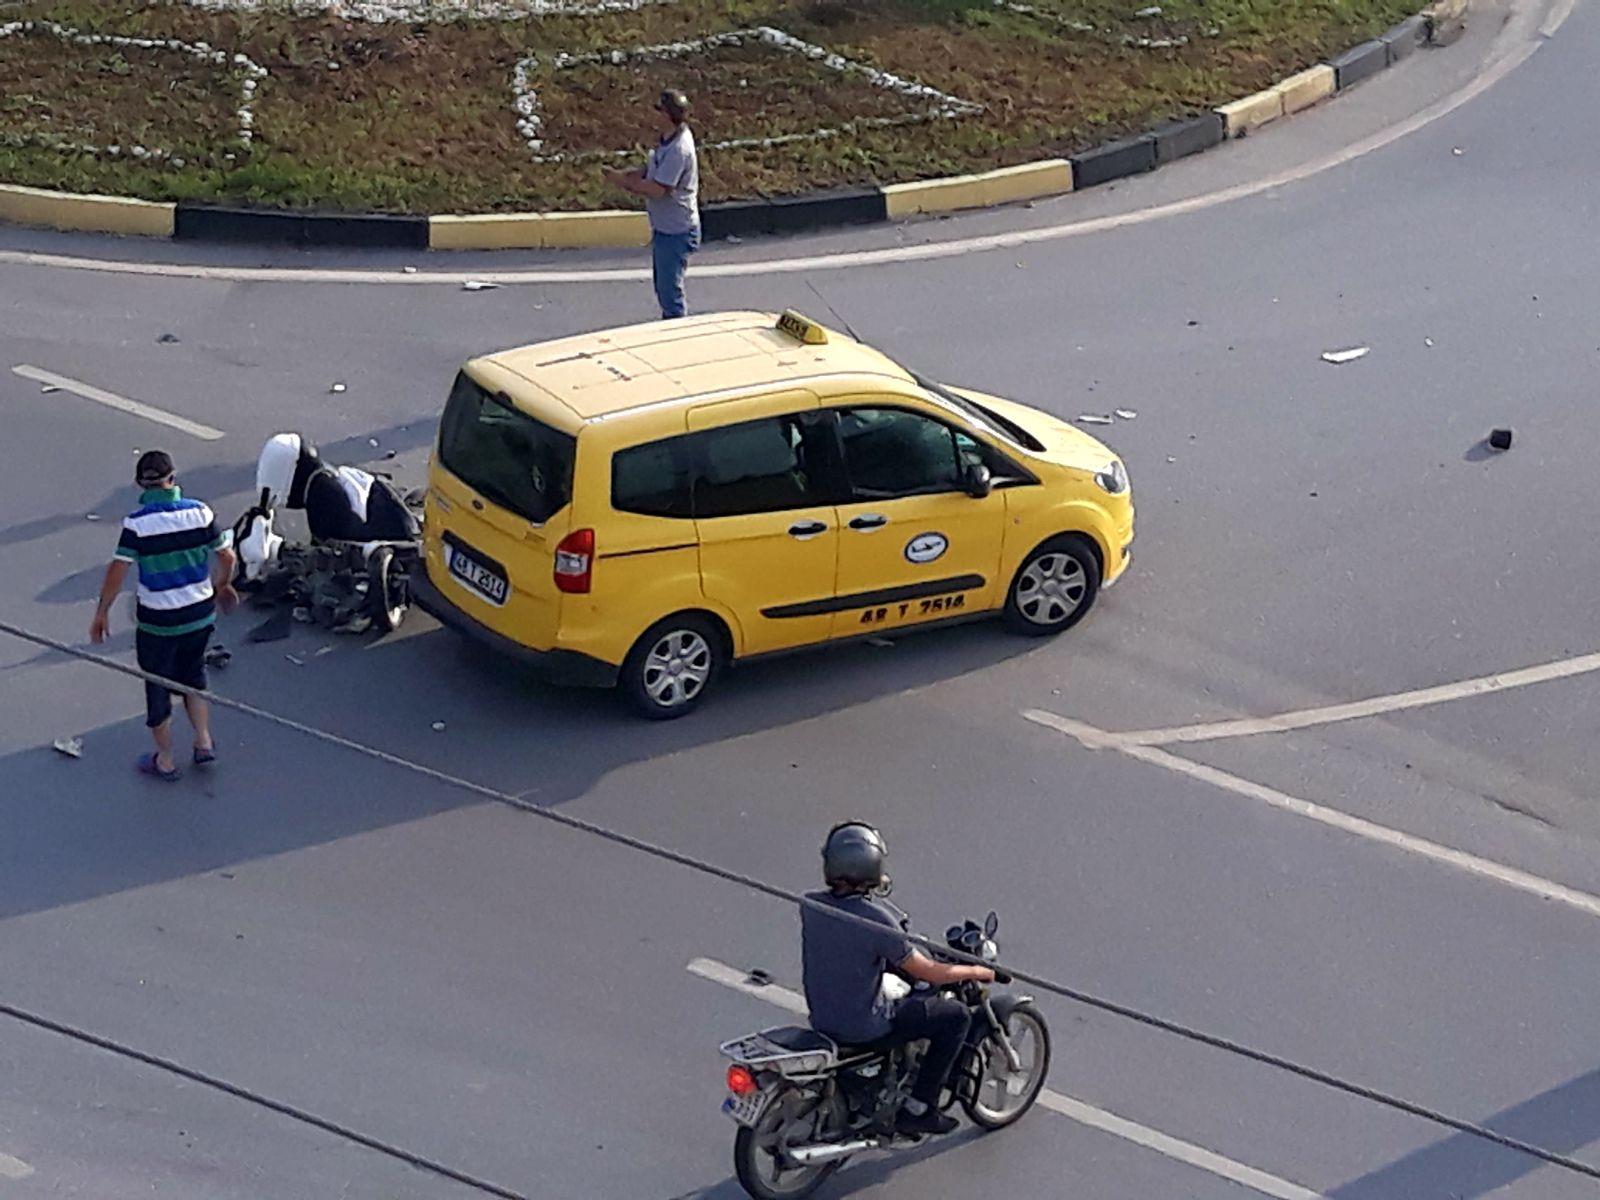 301f7528 75ba 401e bad3 531a6db65f2d - Dalaman'da trafik kazası, 1 kişi ağır yaralı